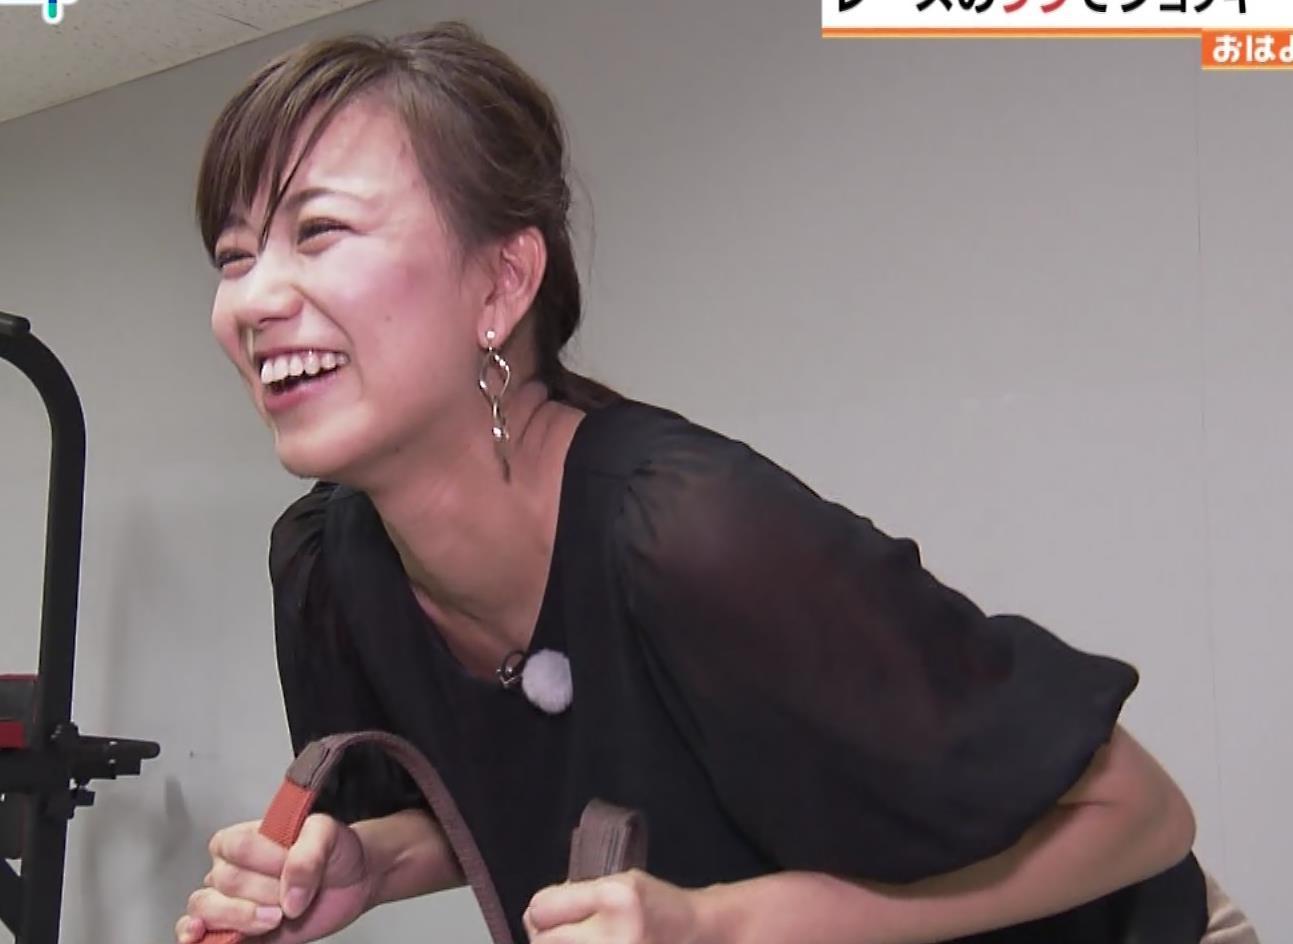 斎藤真美アナ 騎乗でお尻を思いっきり突き出す!キャプ・エロ画像4